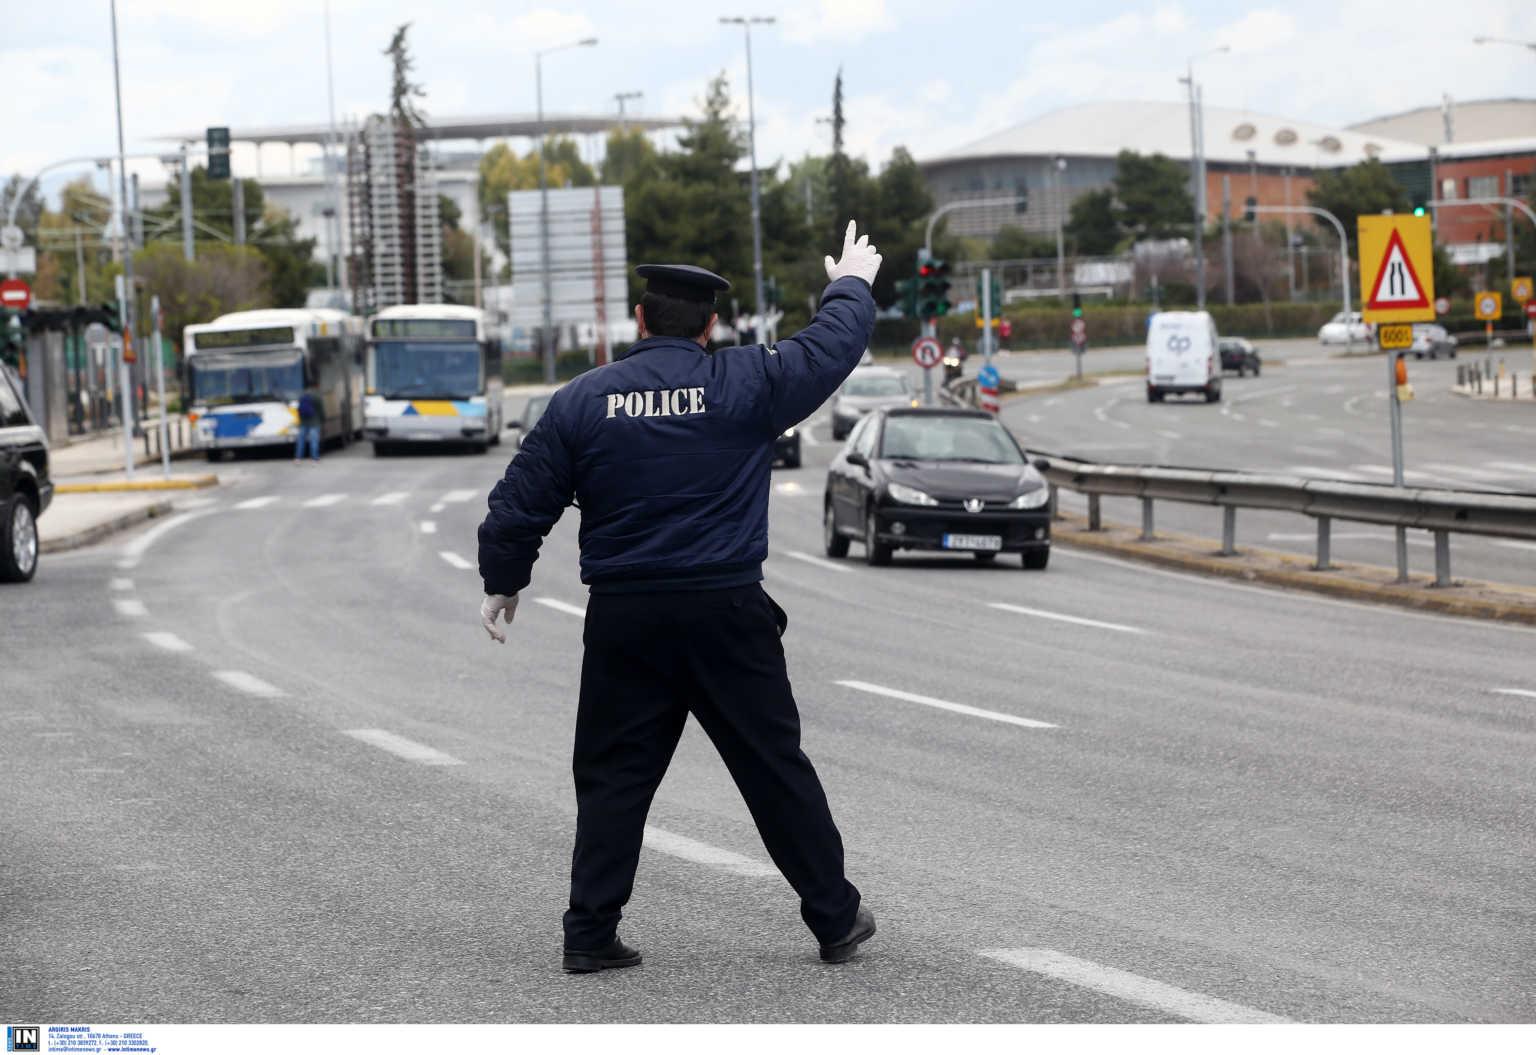 Για γέλια και για κλάματα: Απίστευτα σκηνικά στους ελέγχους για παράβαση απαγόρευσης της κυκλοφορίας